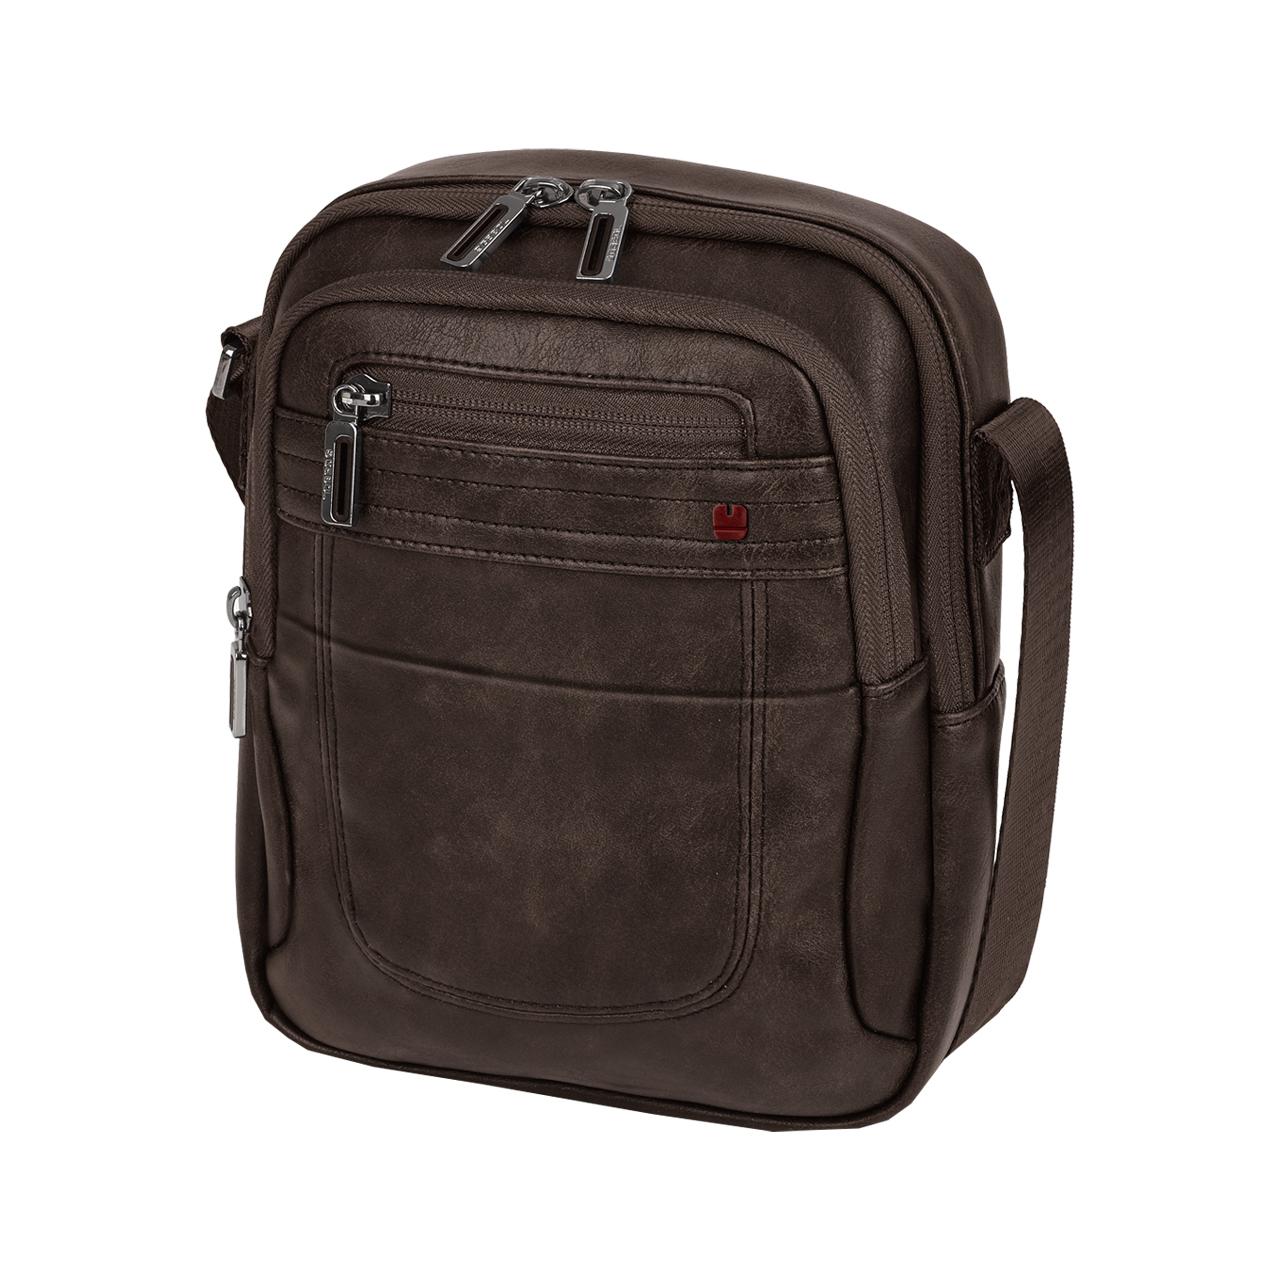 کیف تبلت گابل مدل Civic مناسب برای تبلت تا سایز 8 اینچ